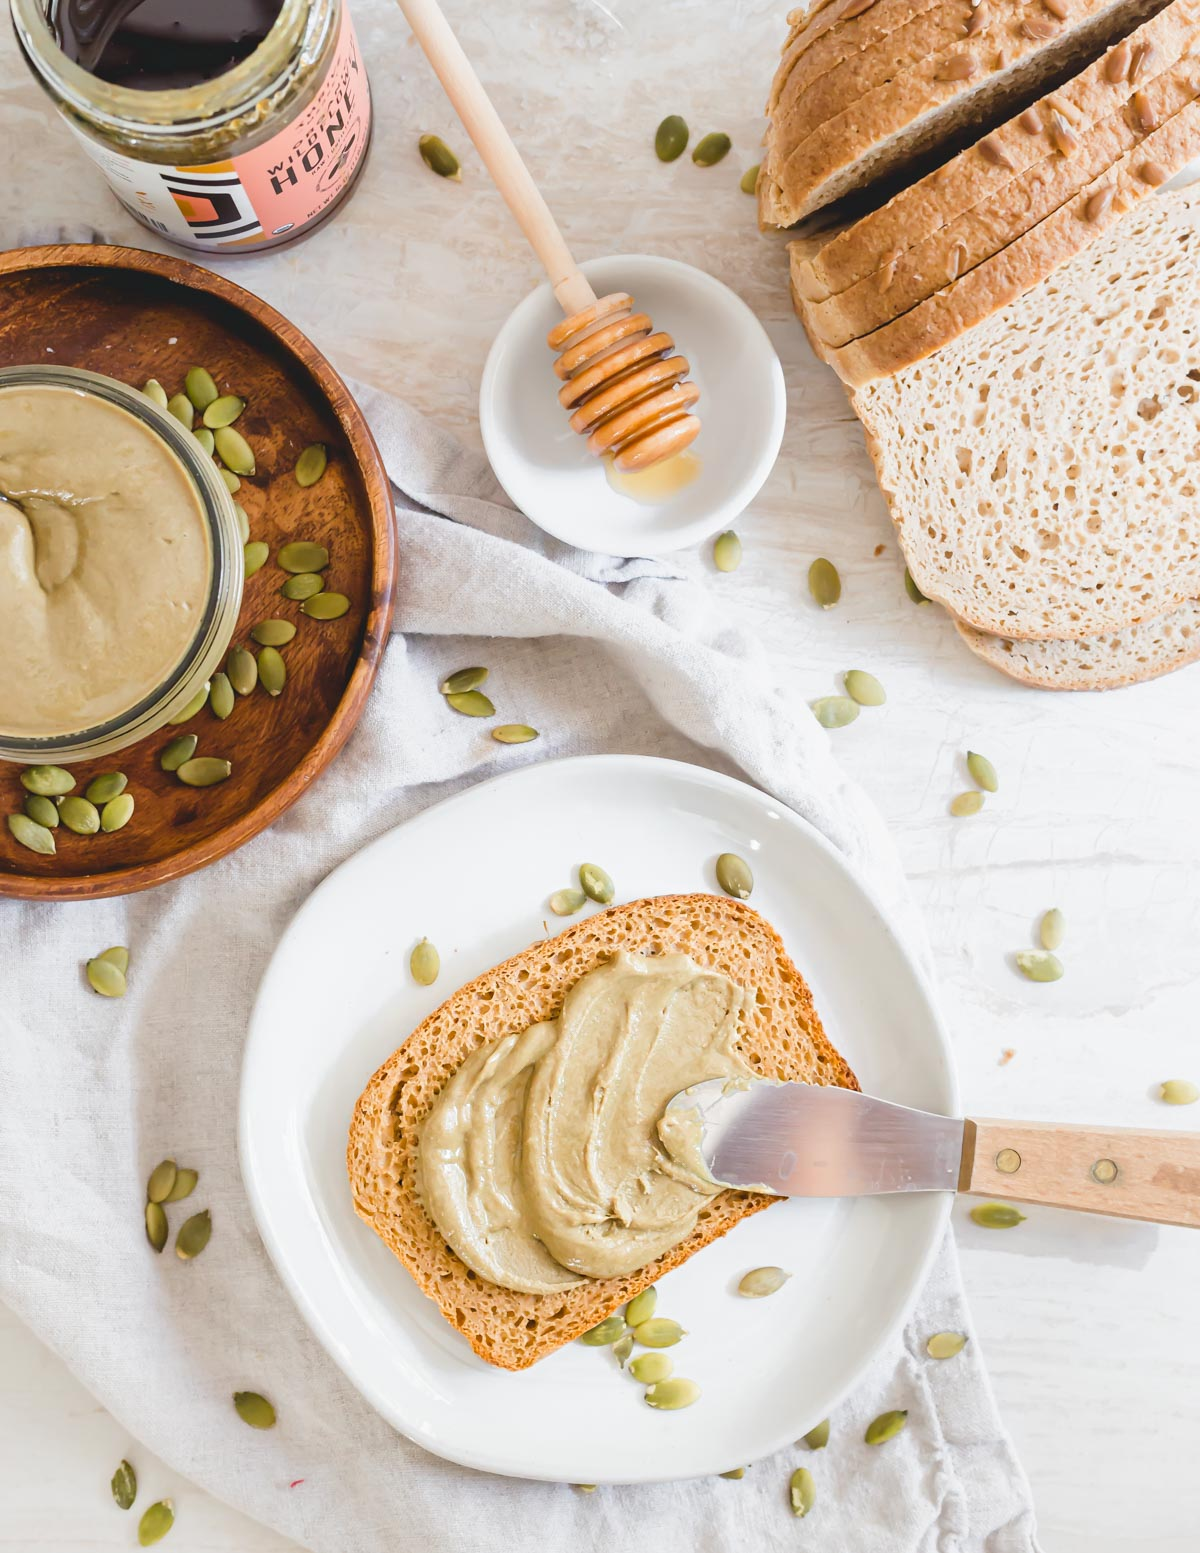 Vanilla honey pumpkin seed butter on toast.